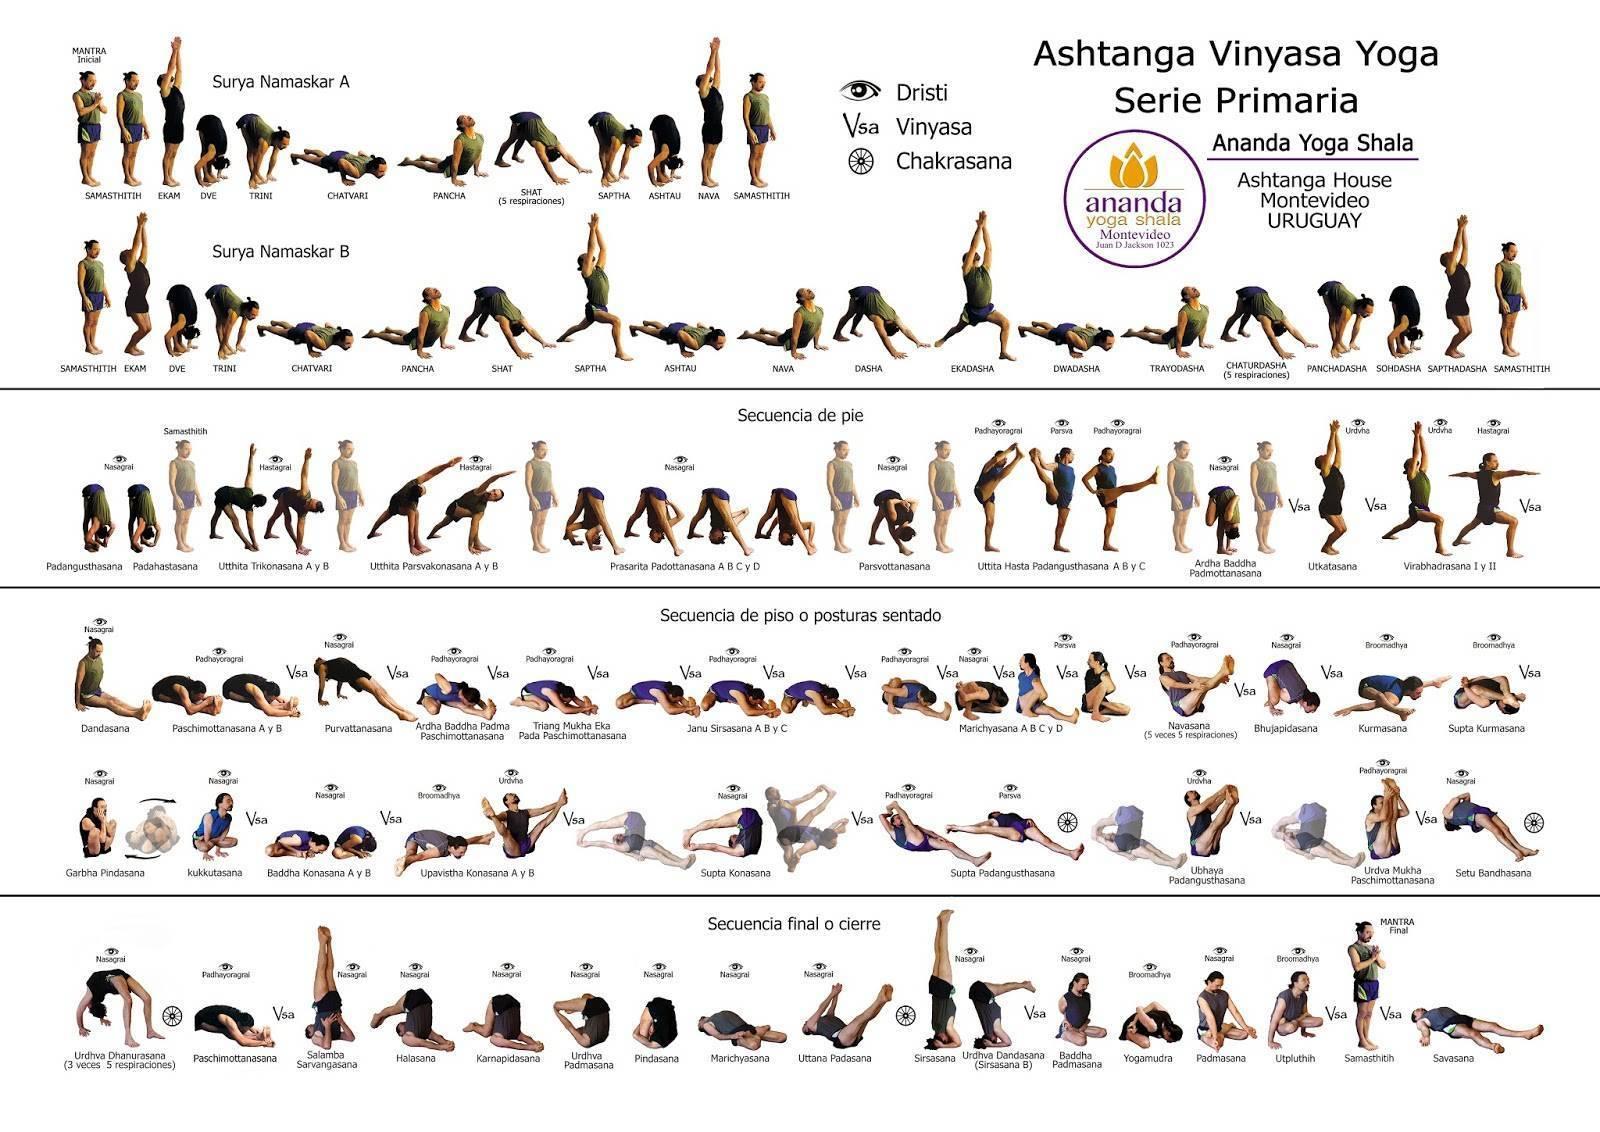 Аштанга виньяса йога:  1, 2, 3, 4 серии в картинках, подборка видео последовательностей и мантры